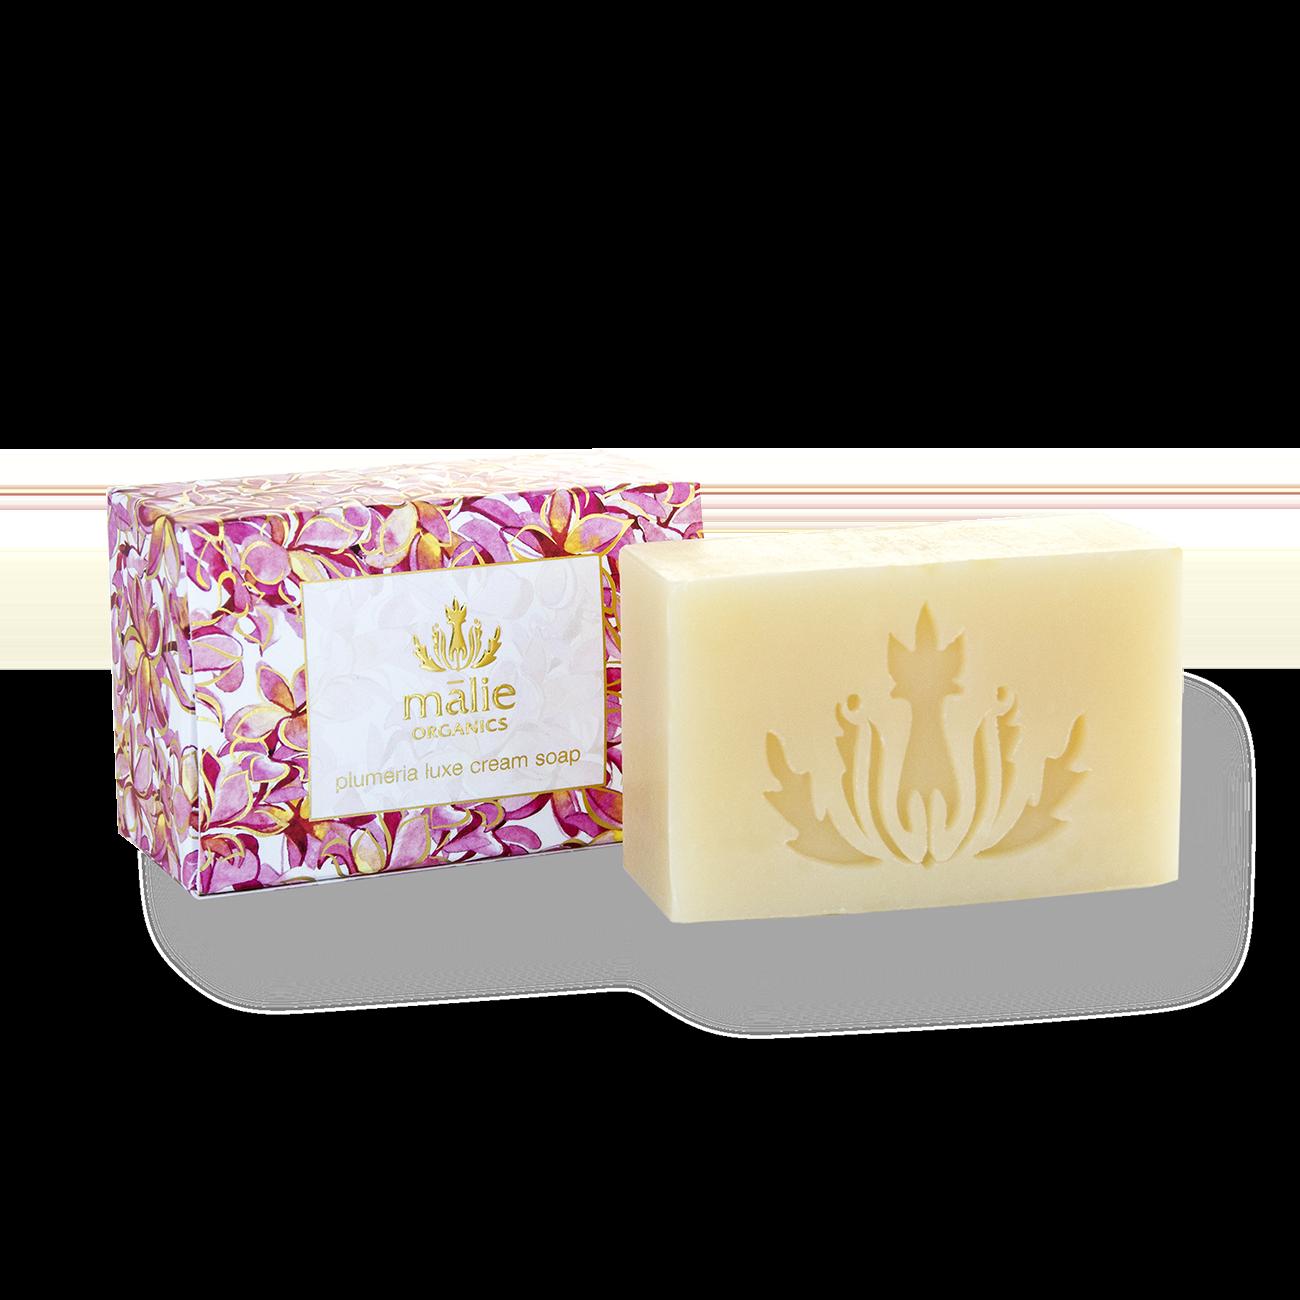 Plumeria Luxe Cream Soap